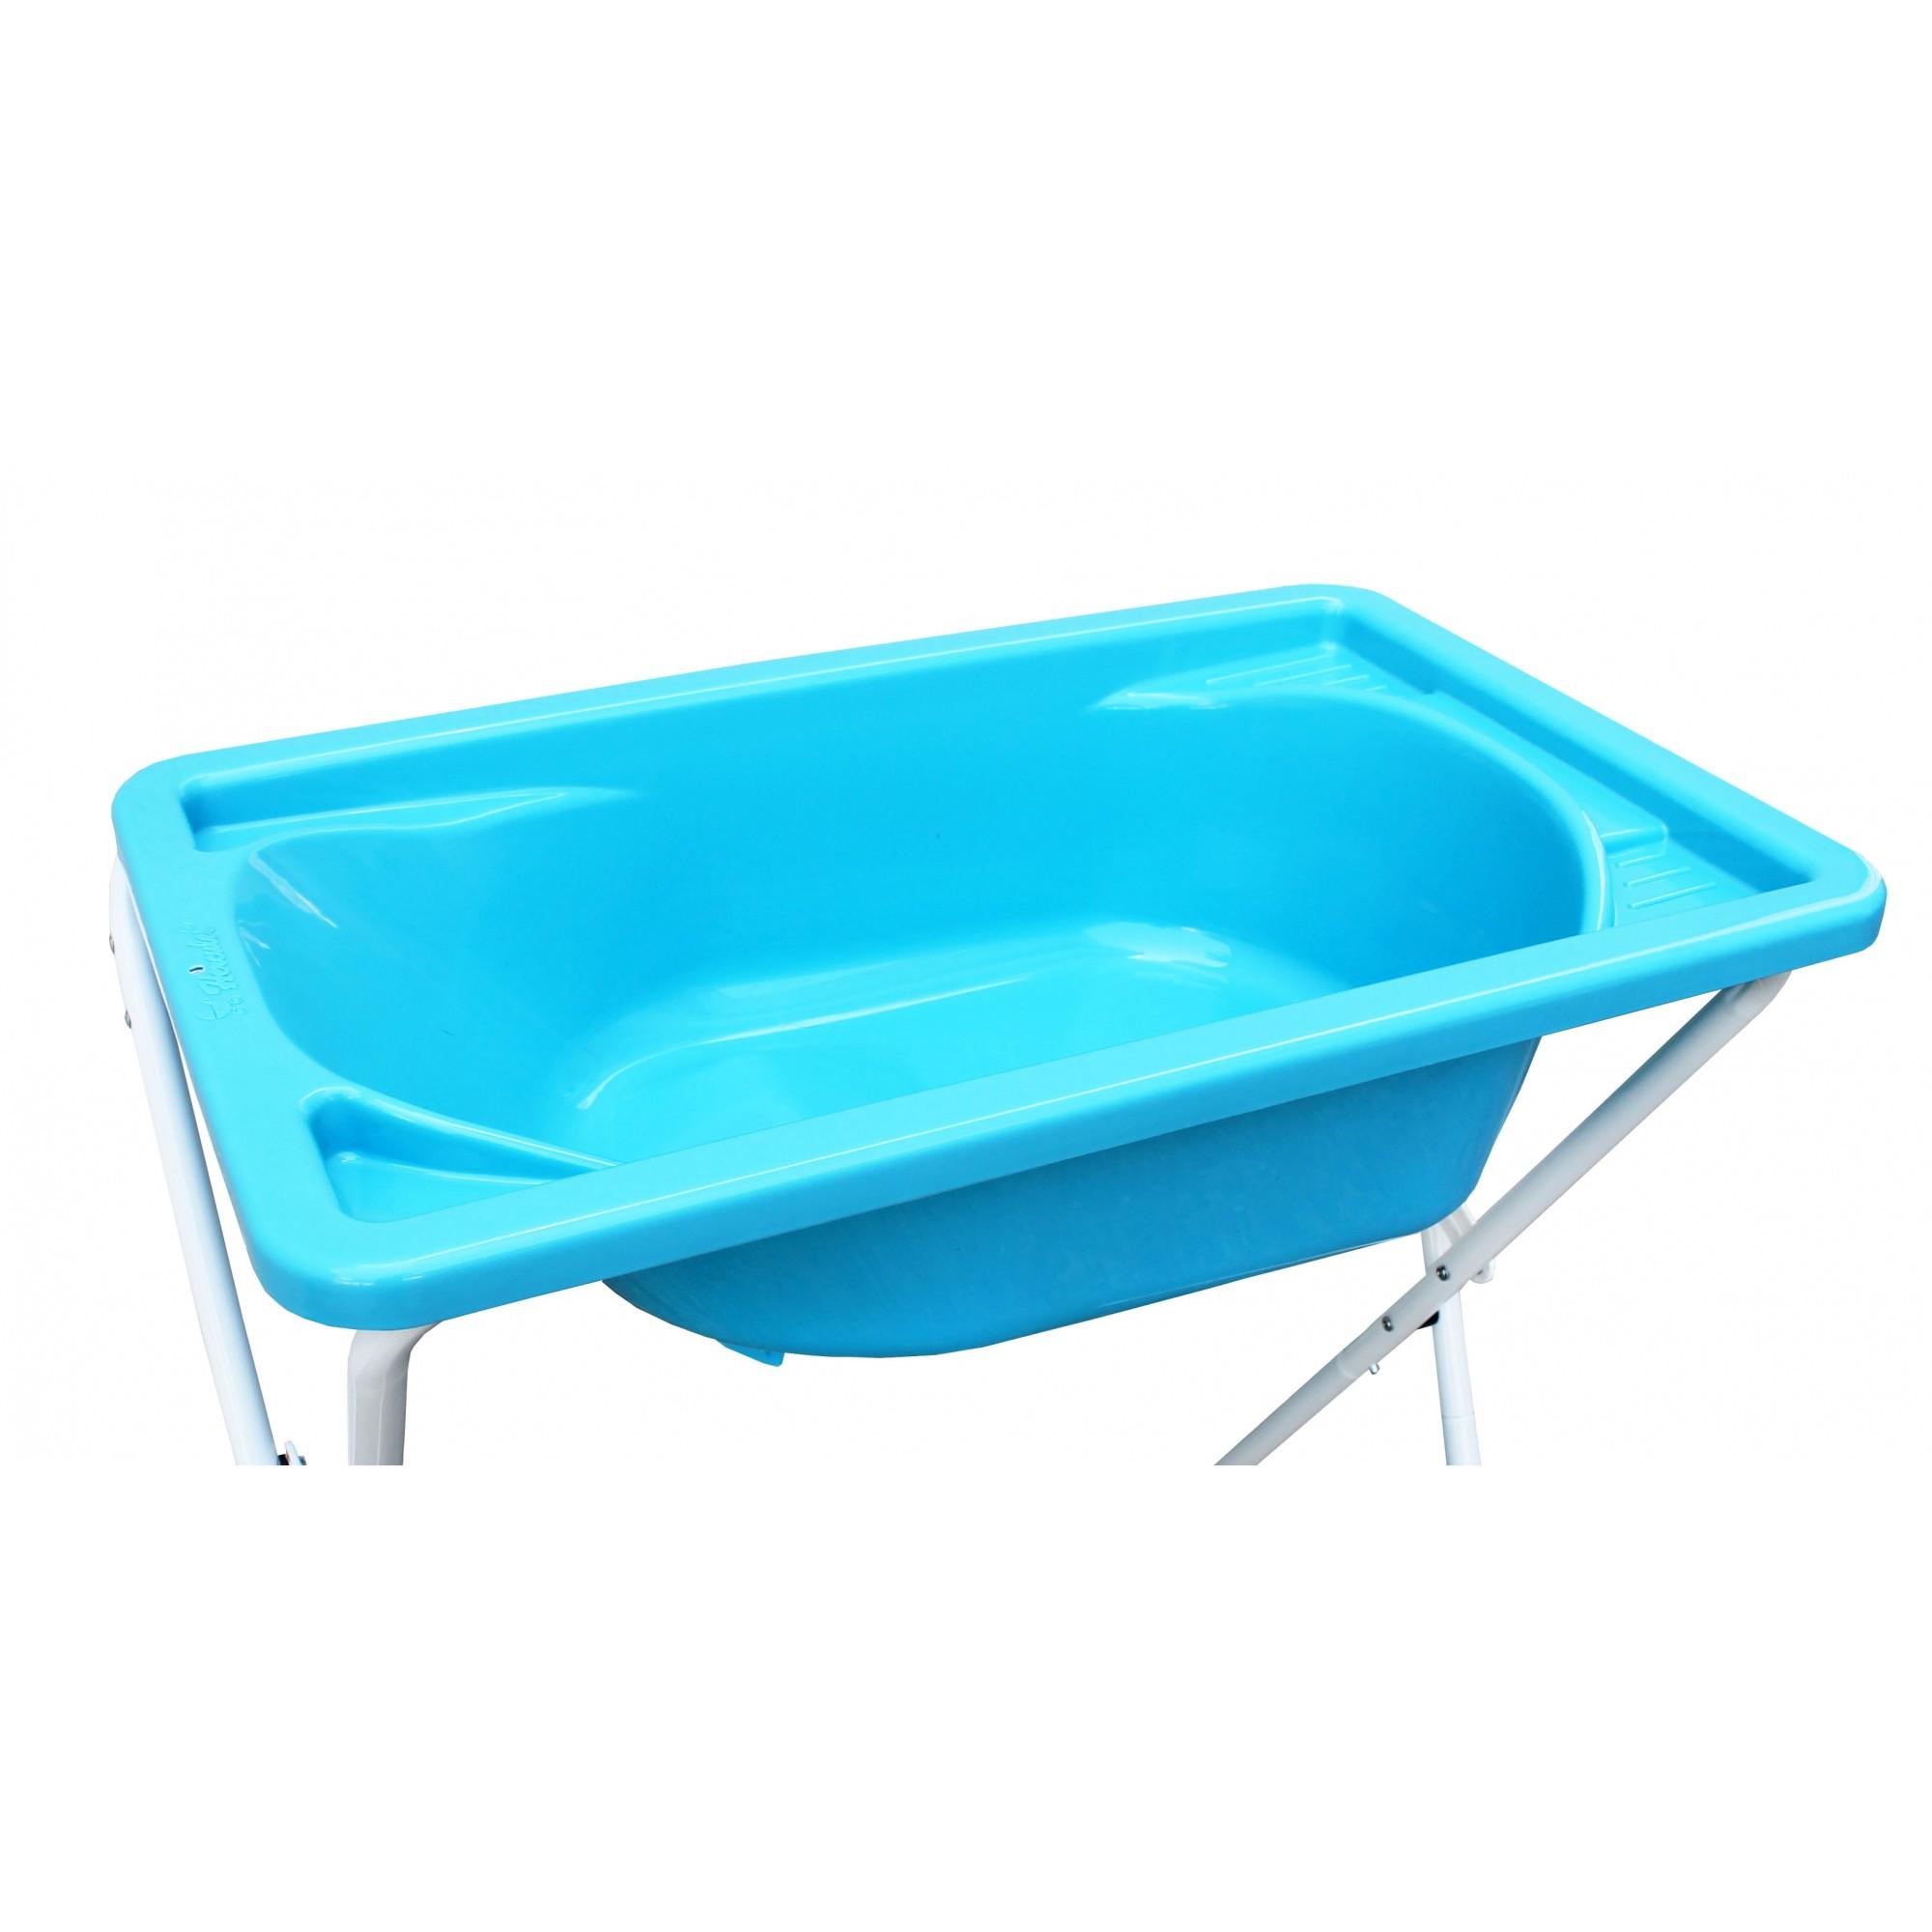 Banheira De Bebê Rígida C/ Suporte Hercules Azul